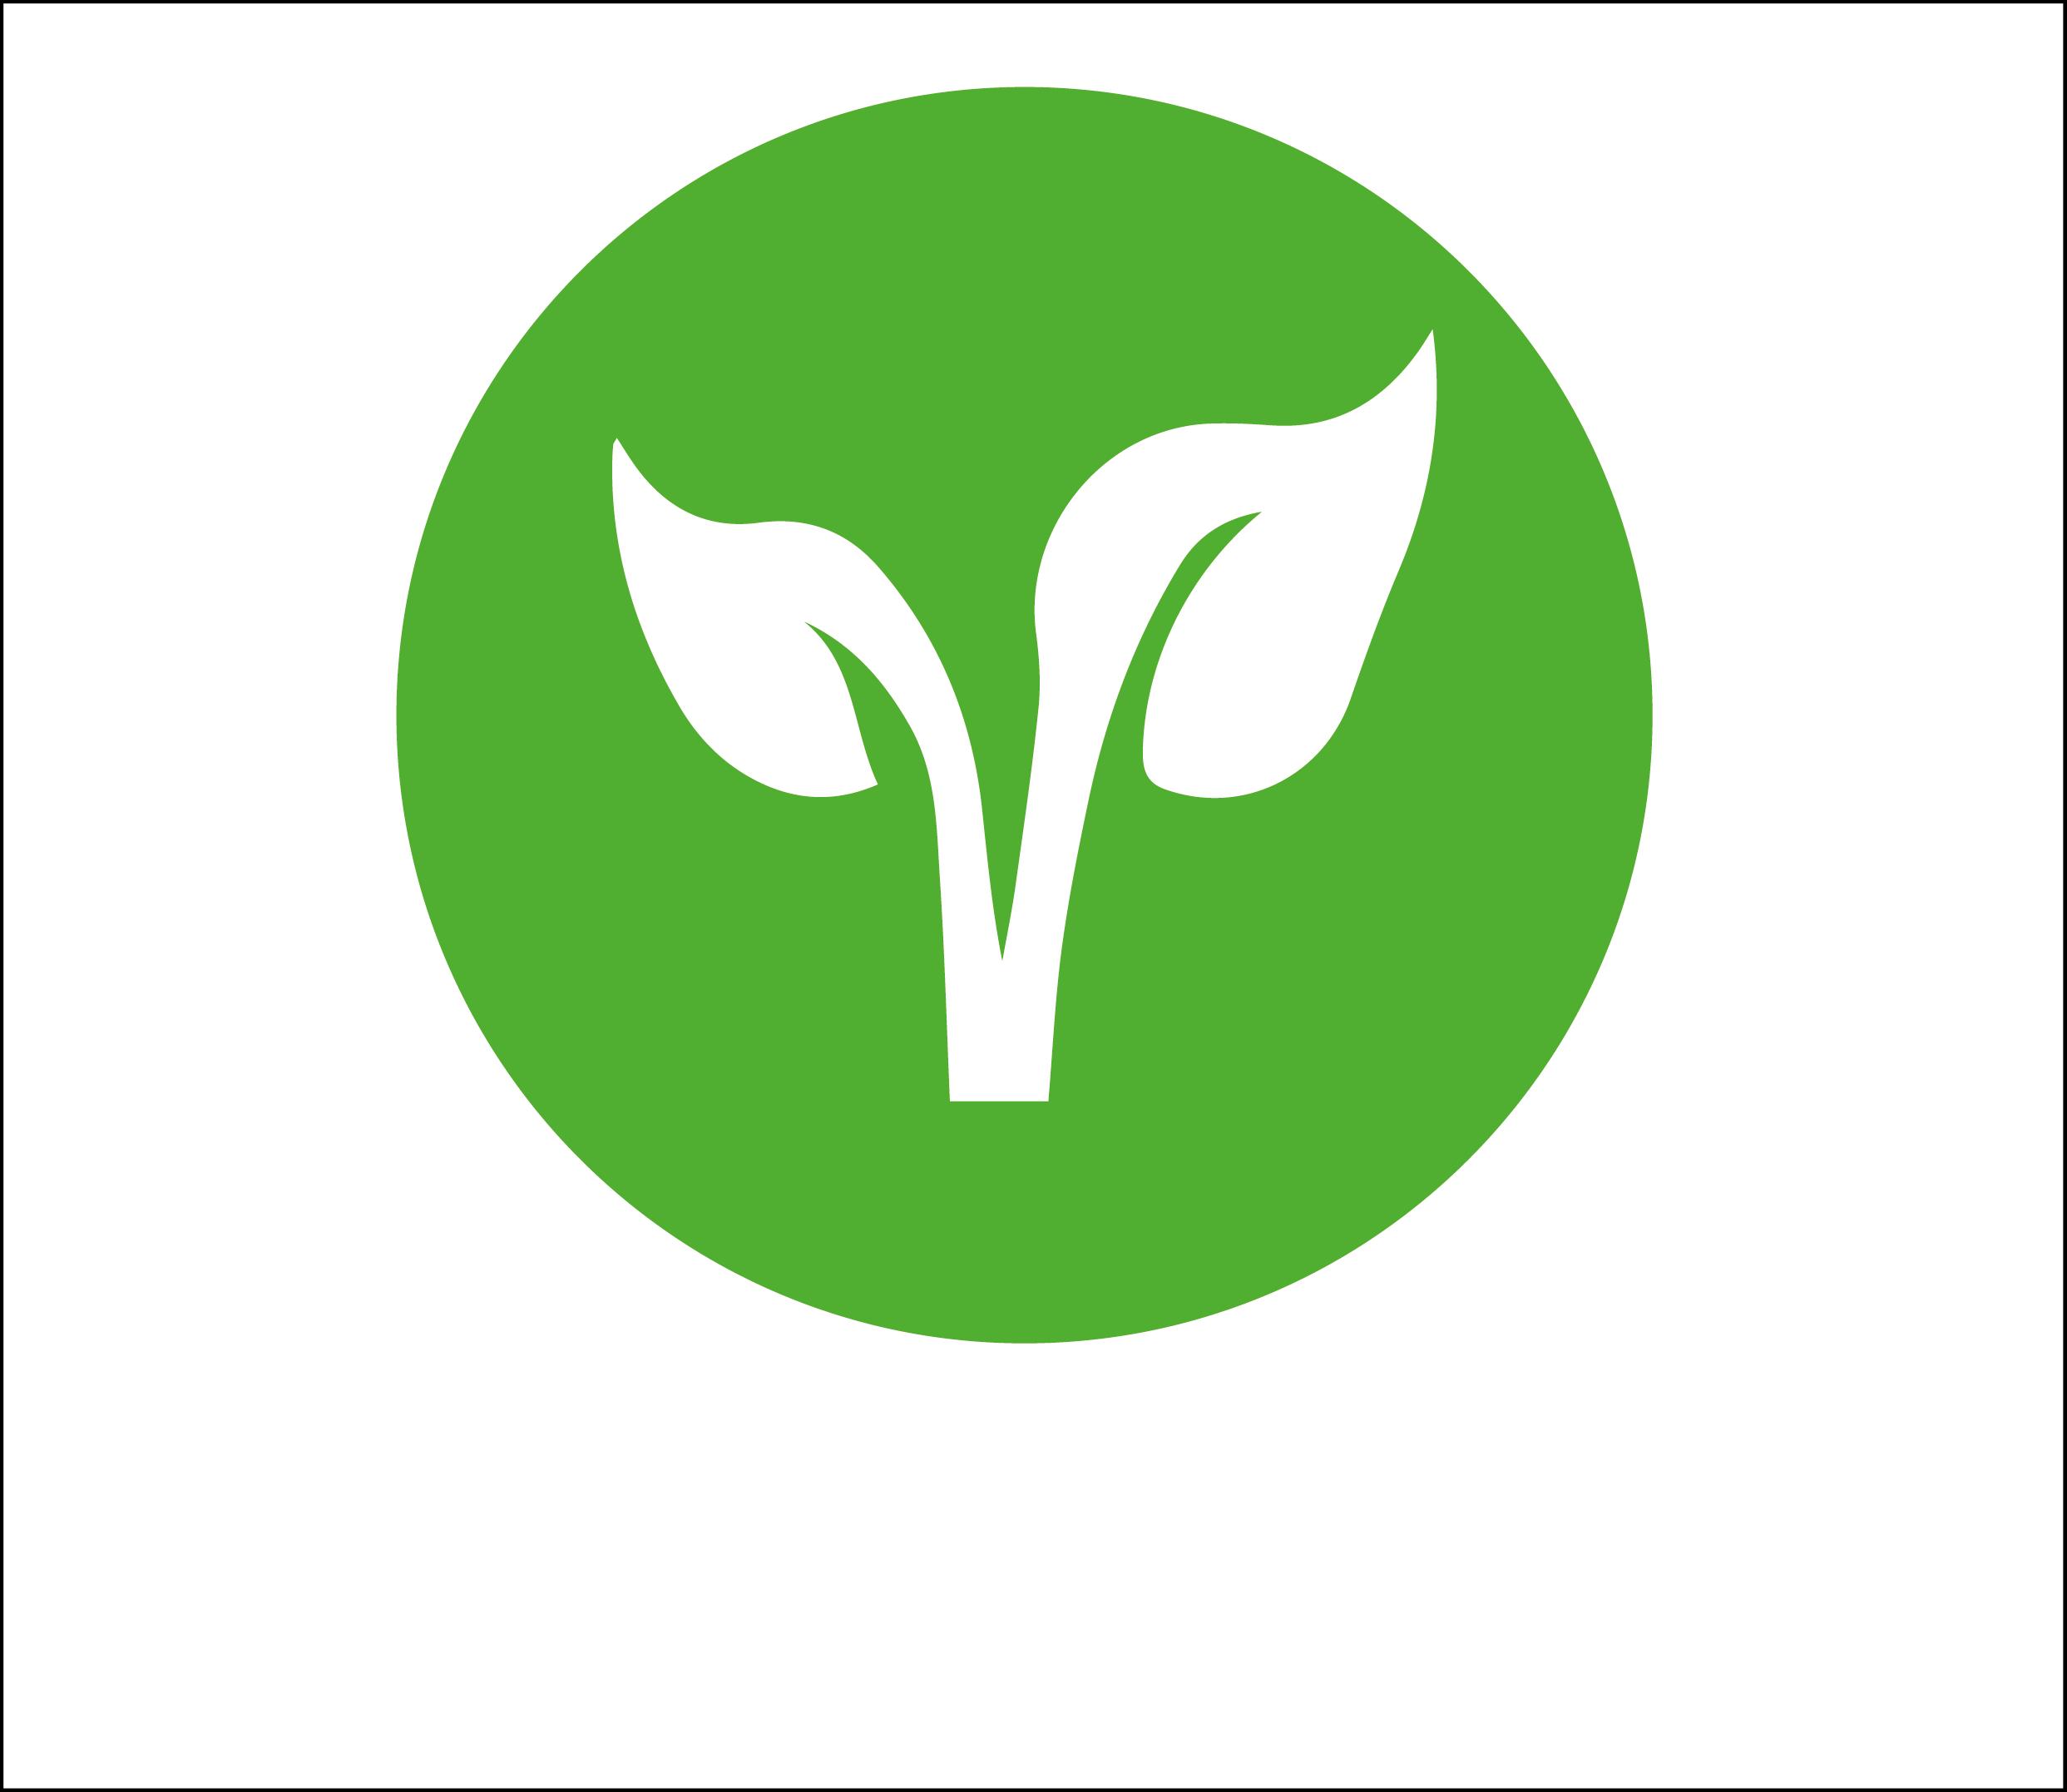 logo logo 标志 设计 矢量 矢量图 素材 图标 2485_2154